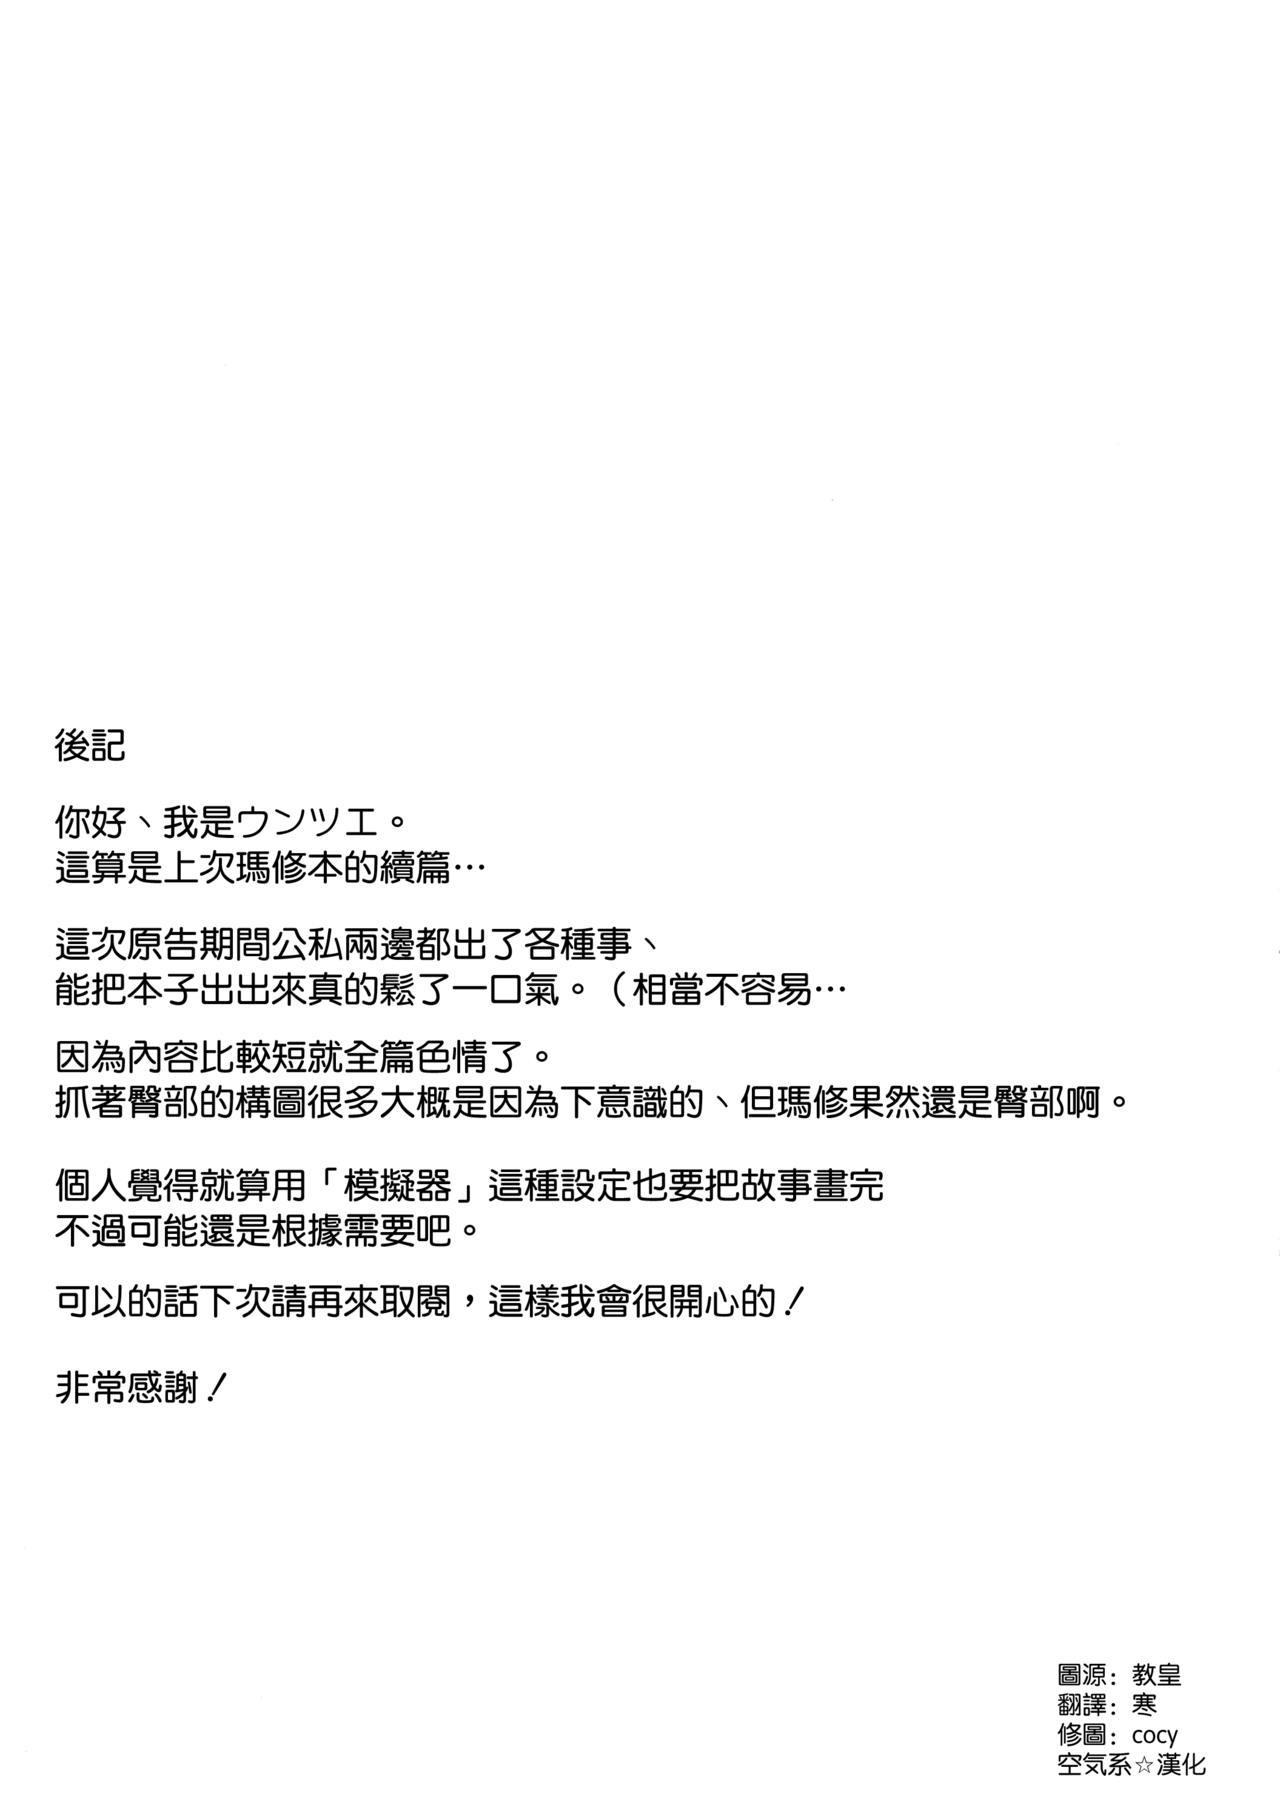 Mash to Koukou Seikatsu Dainiwa Kounai Ecchi Hen 20